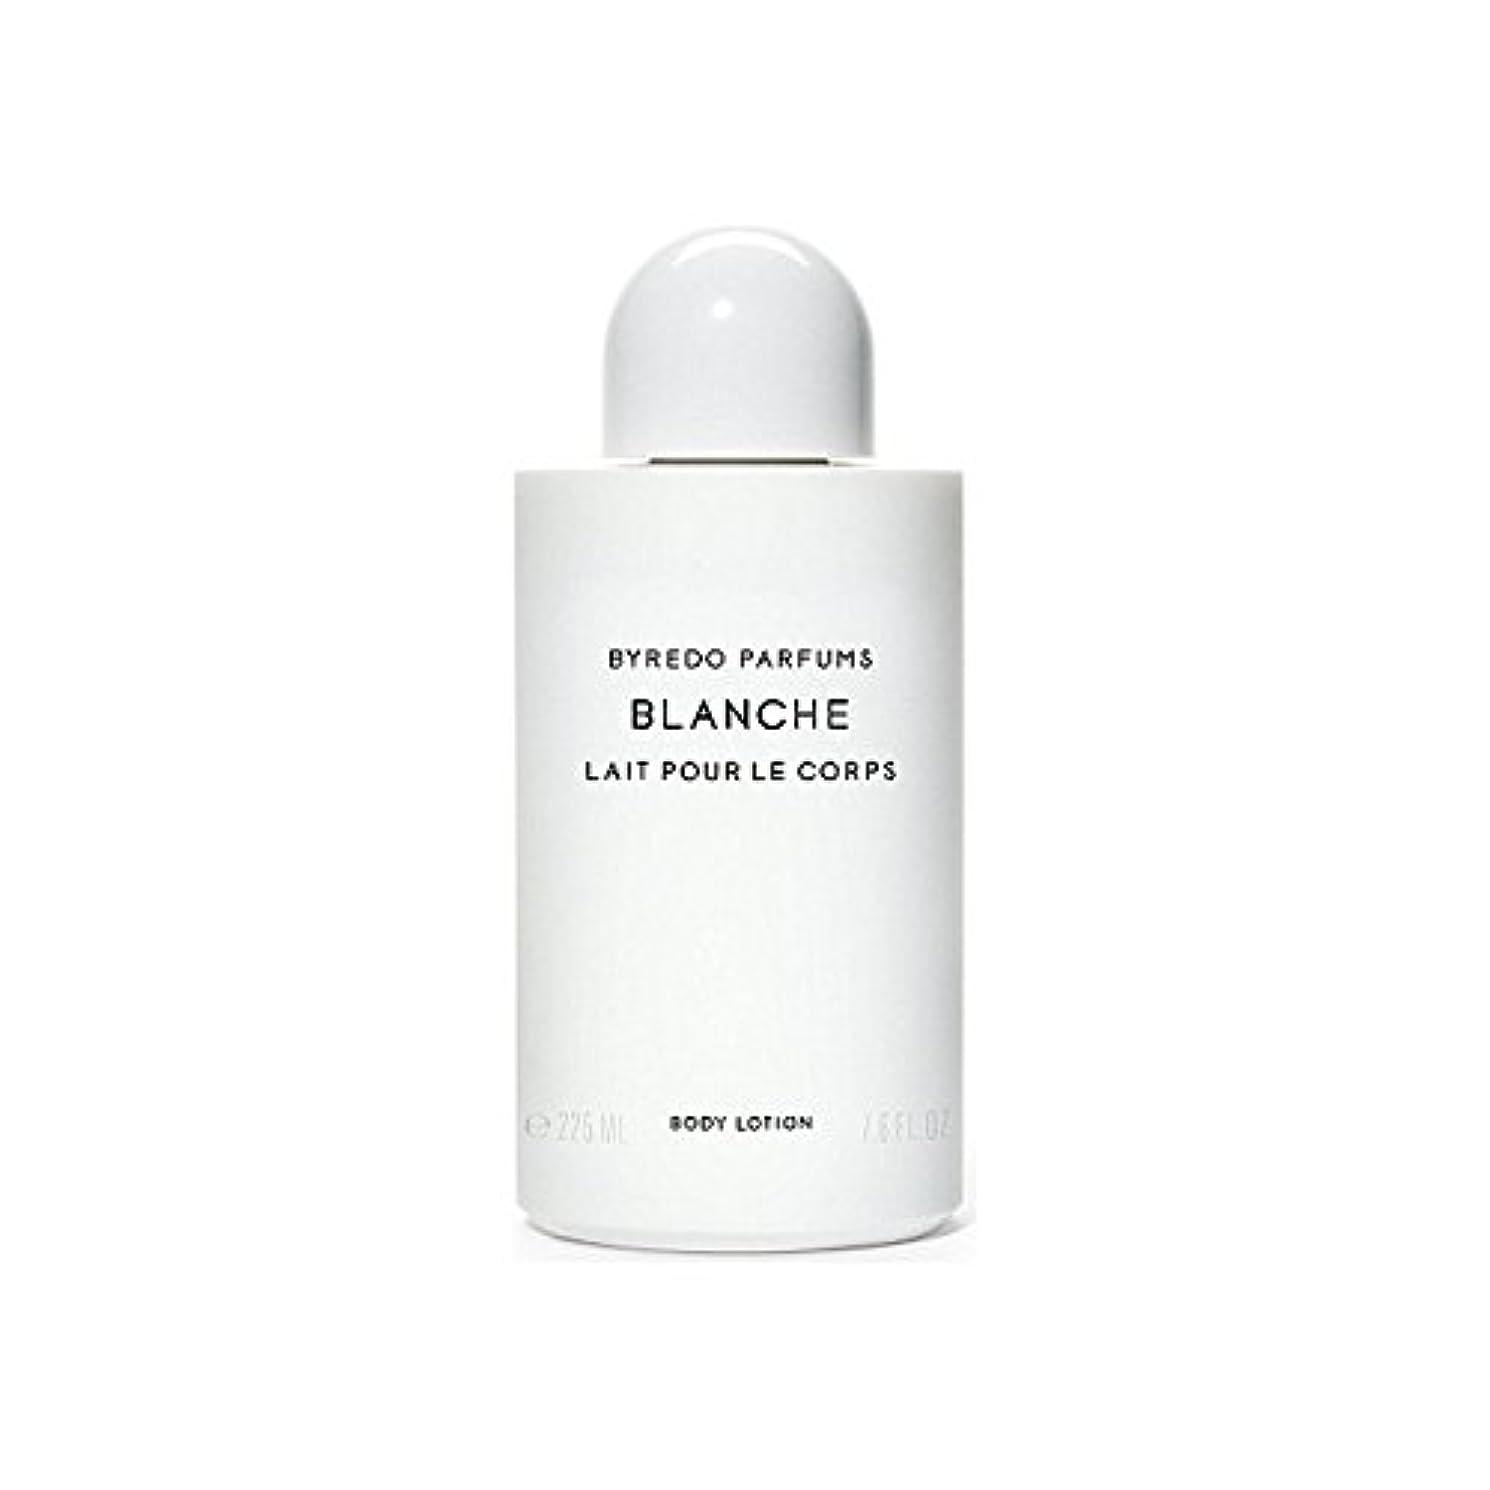 ルビー侵入する困難ブランシュボディローション225ミリリットル x4 - Byredo Blanche Body Lotion 225ml (Pack of 4) [並行輸入品]